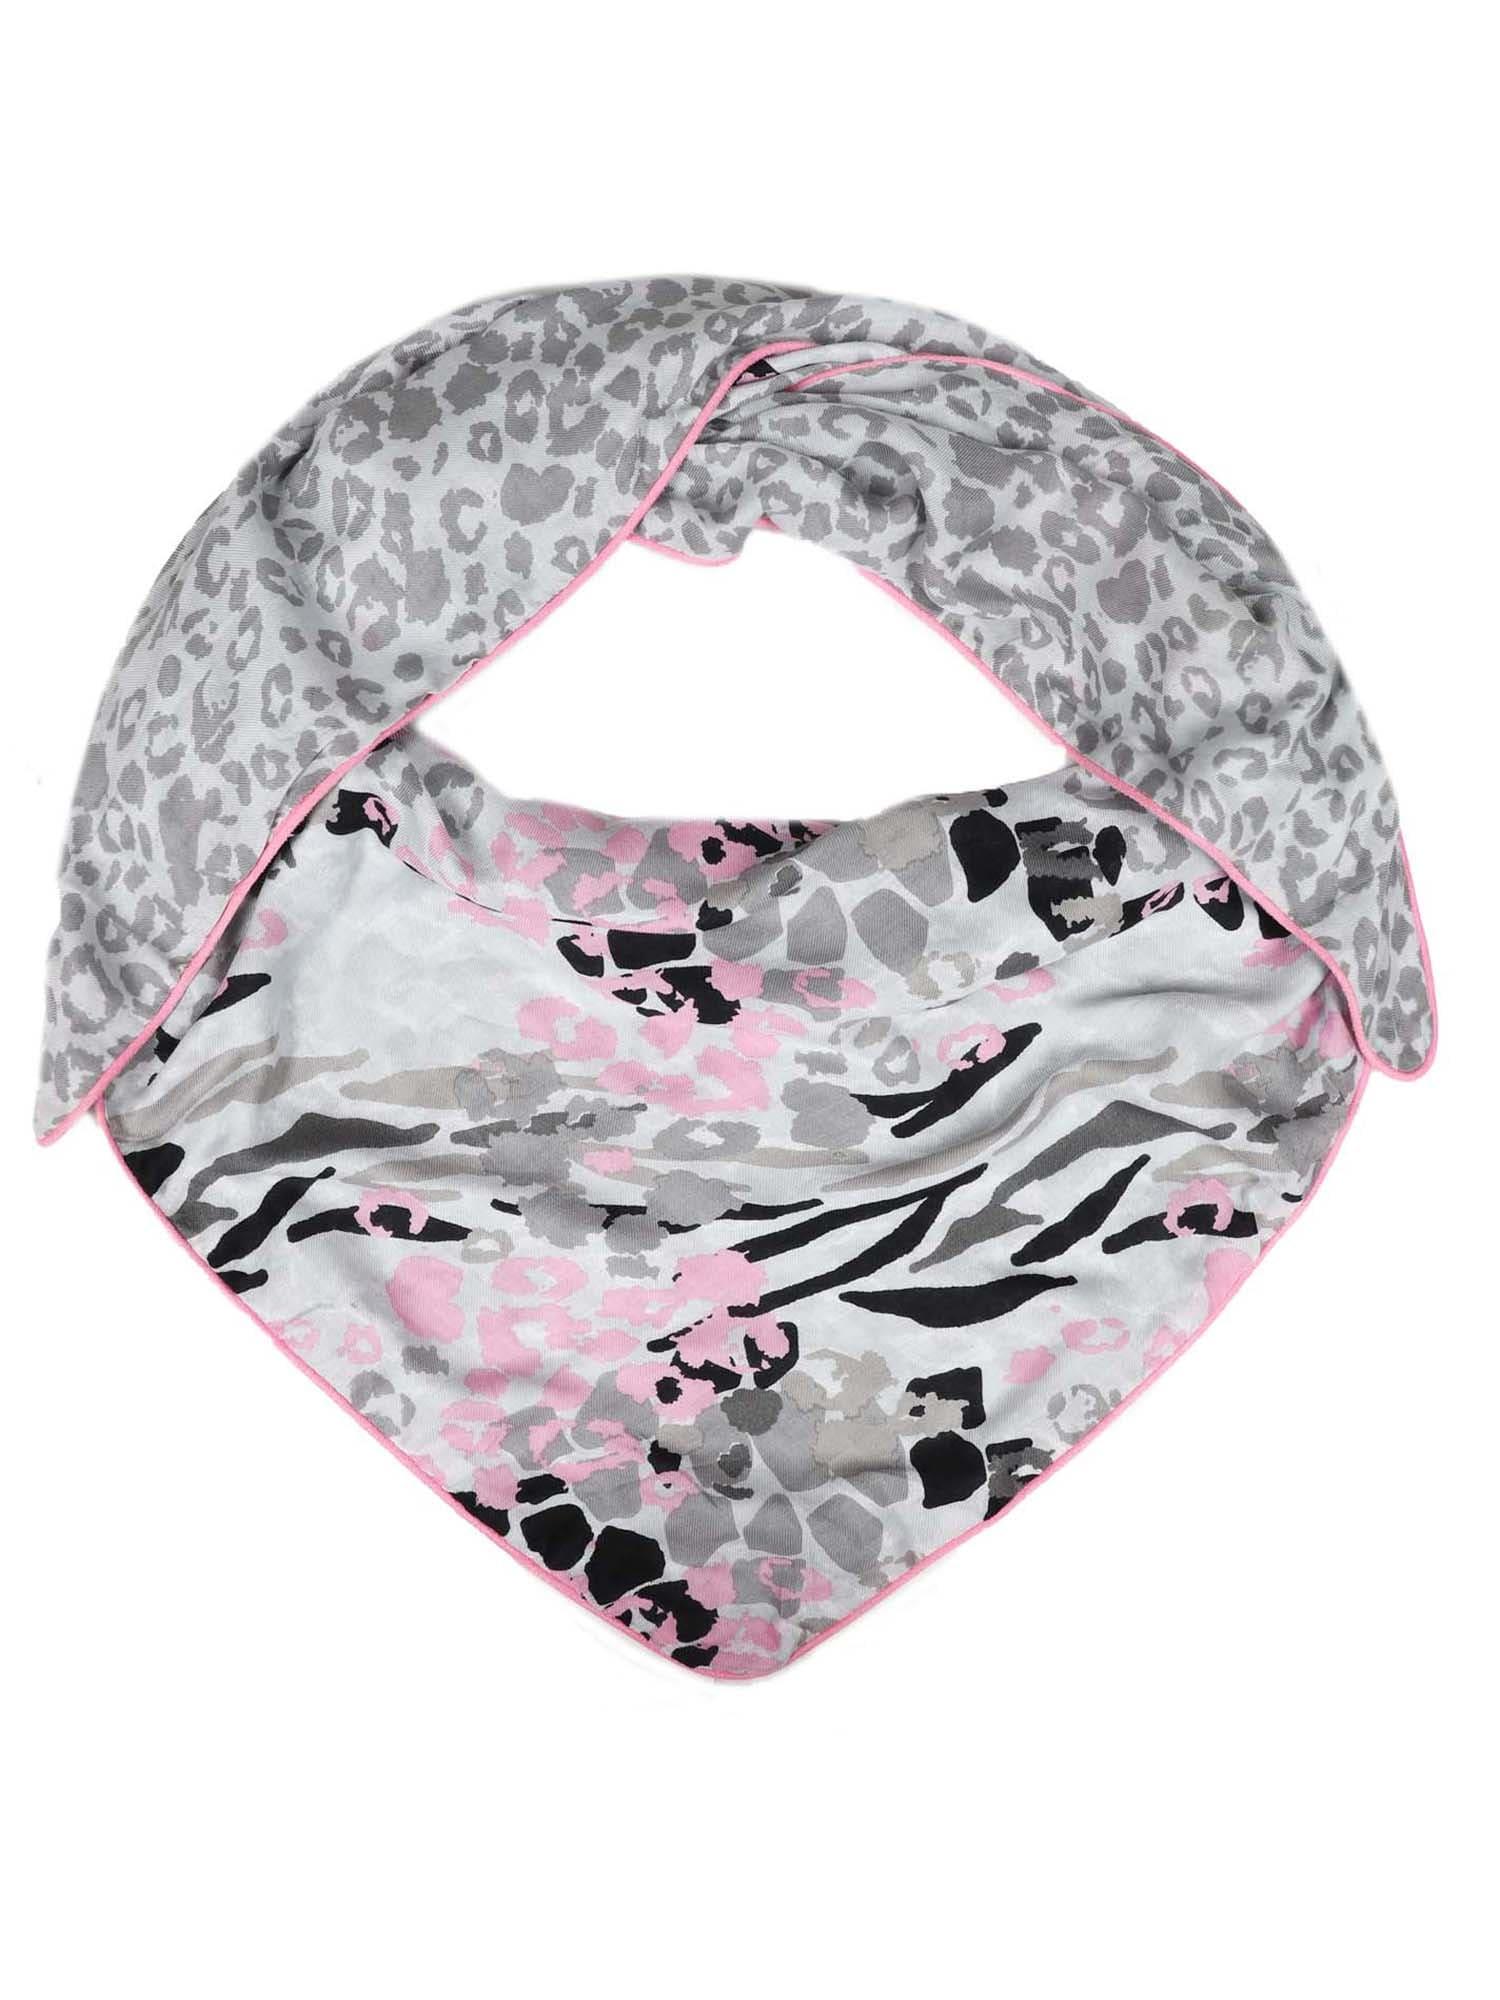 Šátek Leichtes Dreieck Leo šedá růžová bílá Zwillingsherz